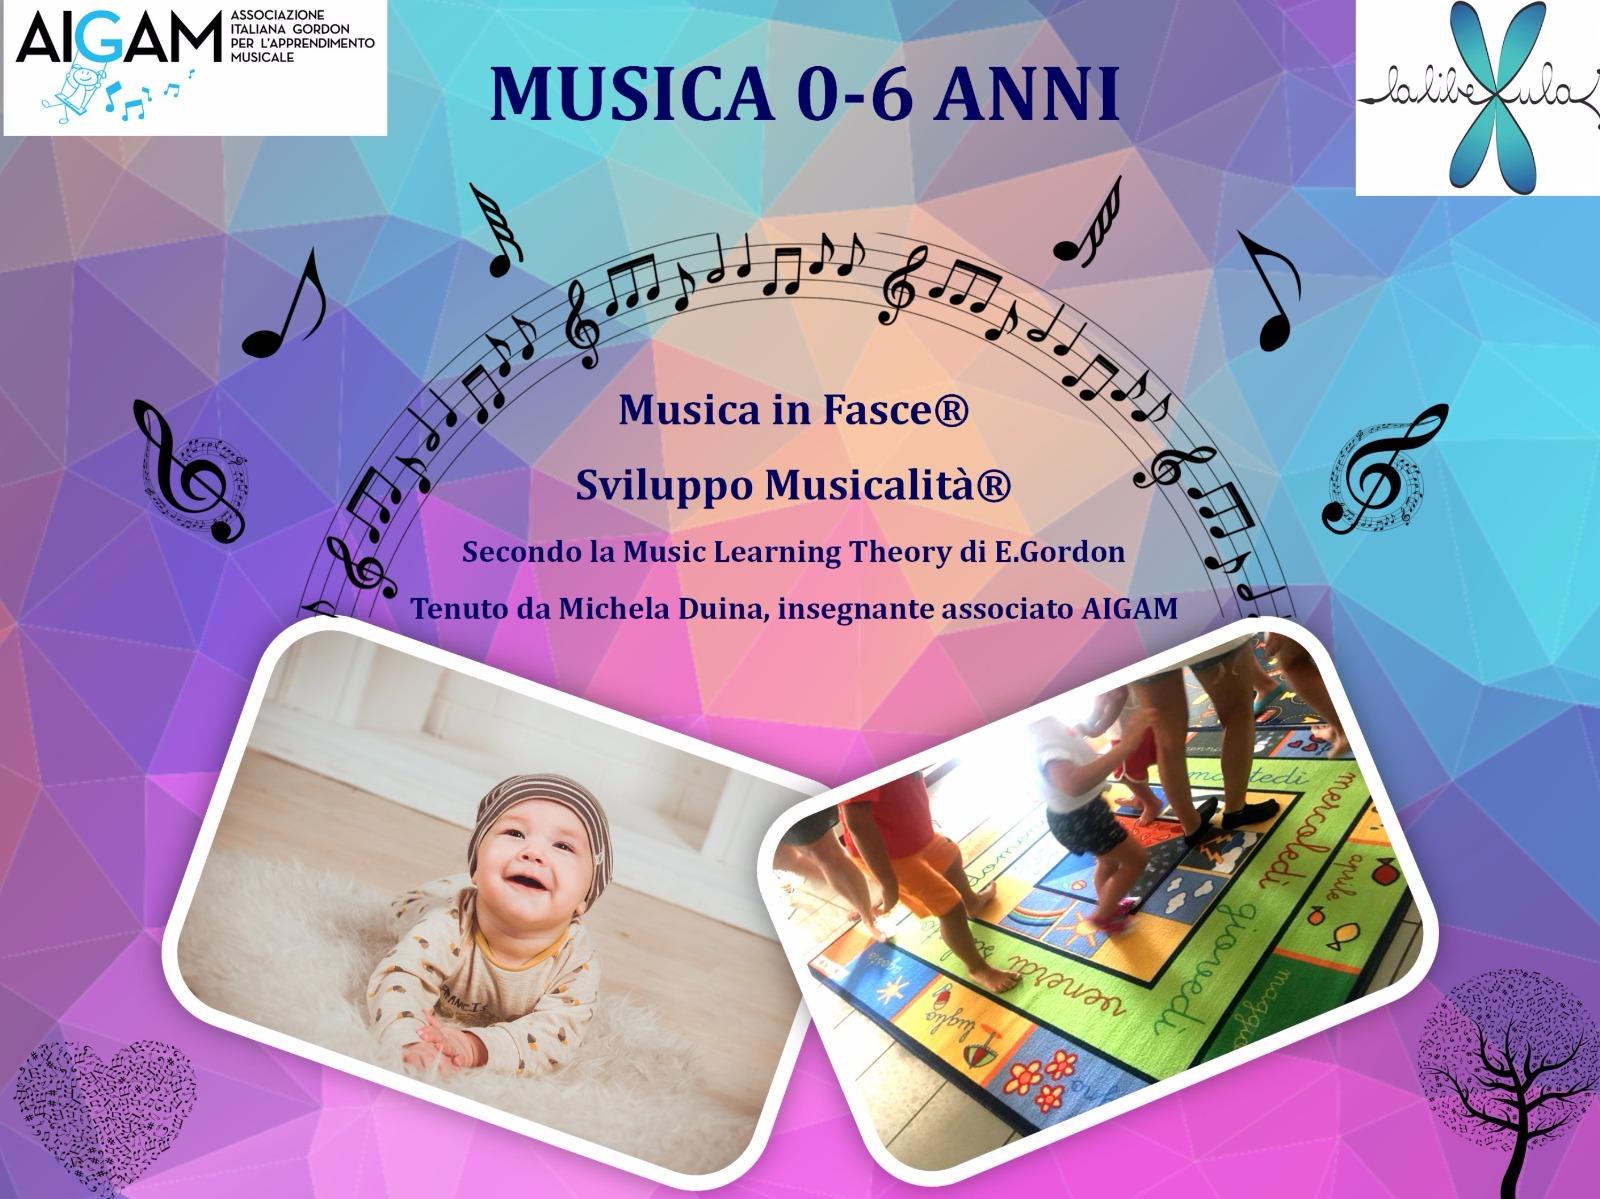 CORSI DI MUSICA 0-6 ANNI